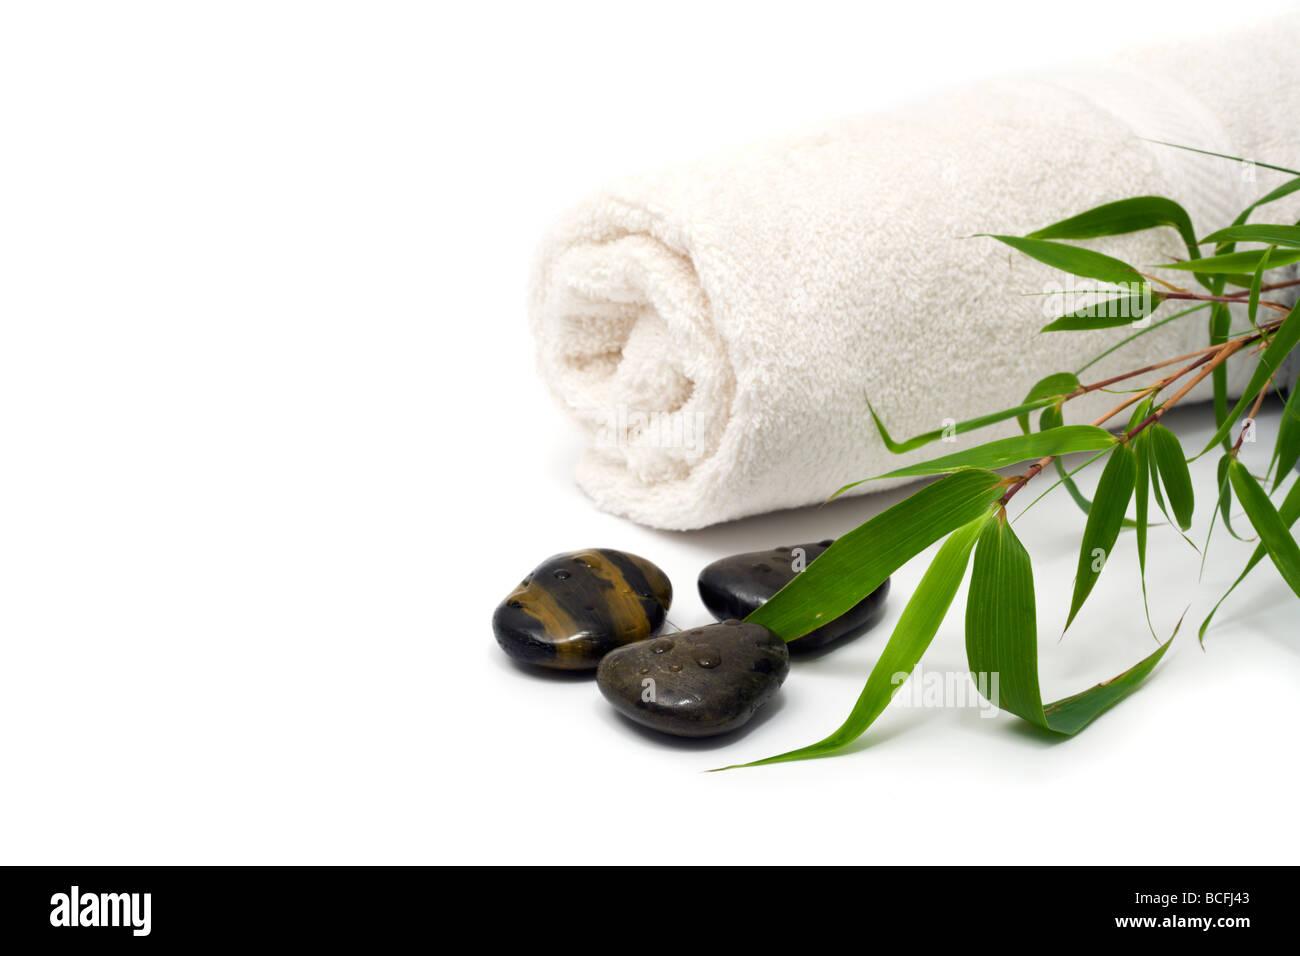 Concepto de spa y bienestar con una toalla enrollada, guijarros, rama de bambú, cuarteado Imagen De Stock